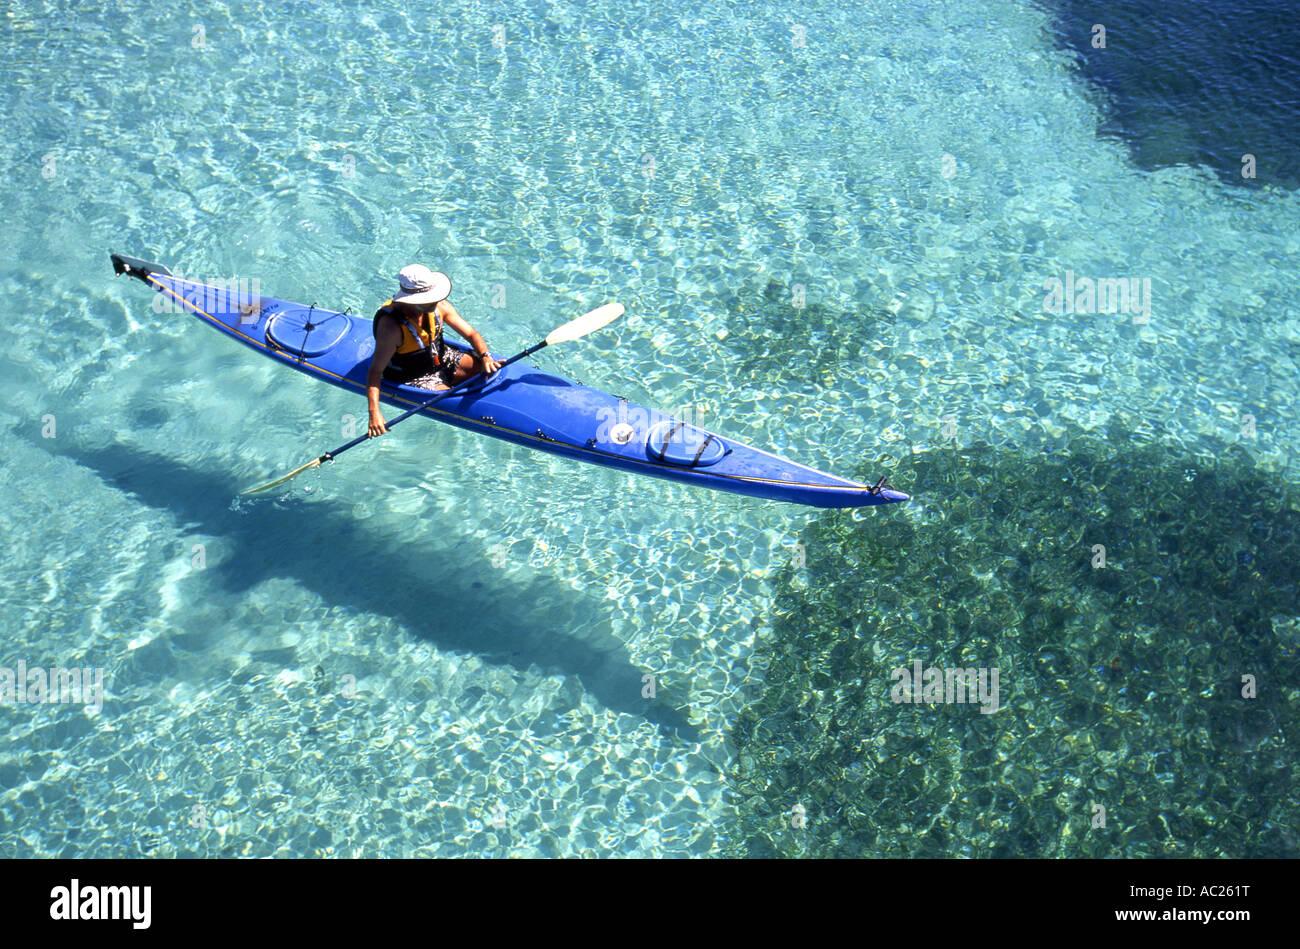 Man kayaking in body of water - Stock Image